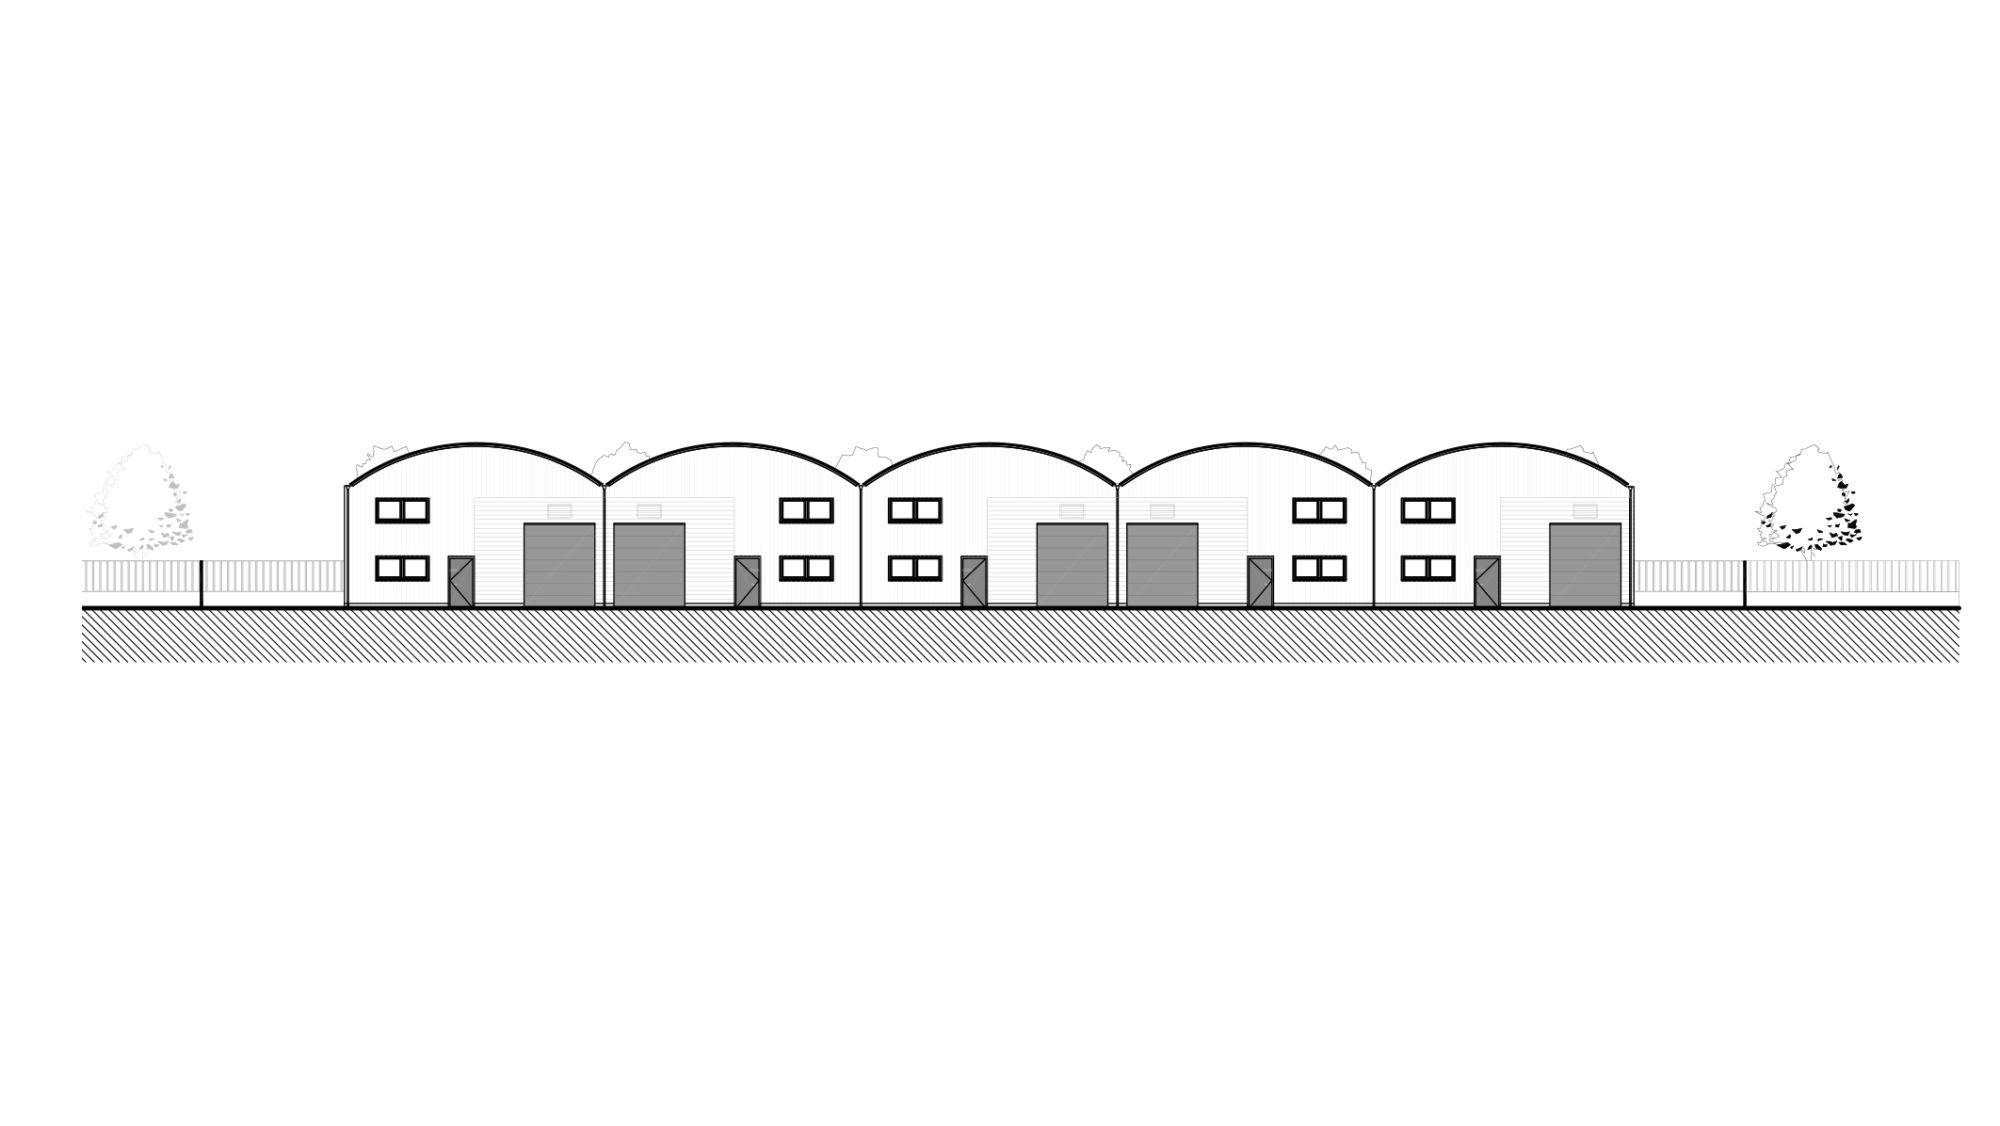 Réalisation - 3D, graphisme, design, perspective, intérieur, architecture, intérieur, batiment, industrielle, martinique